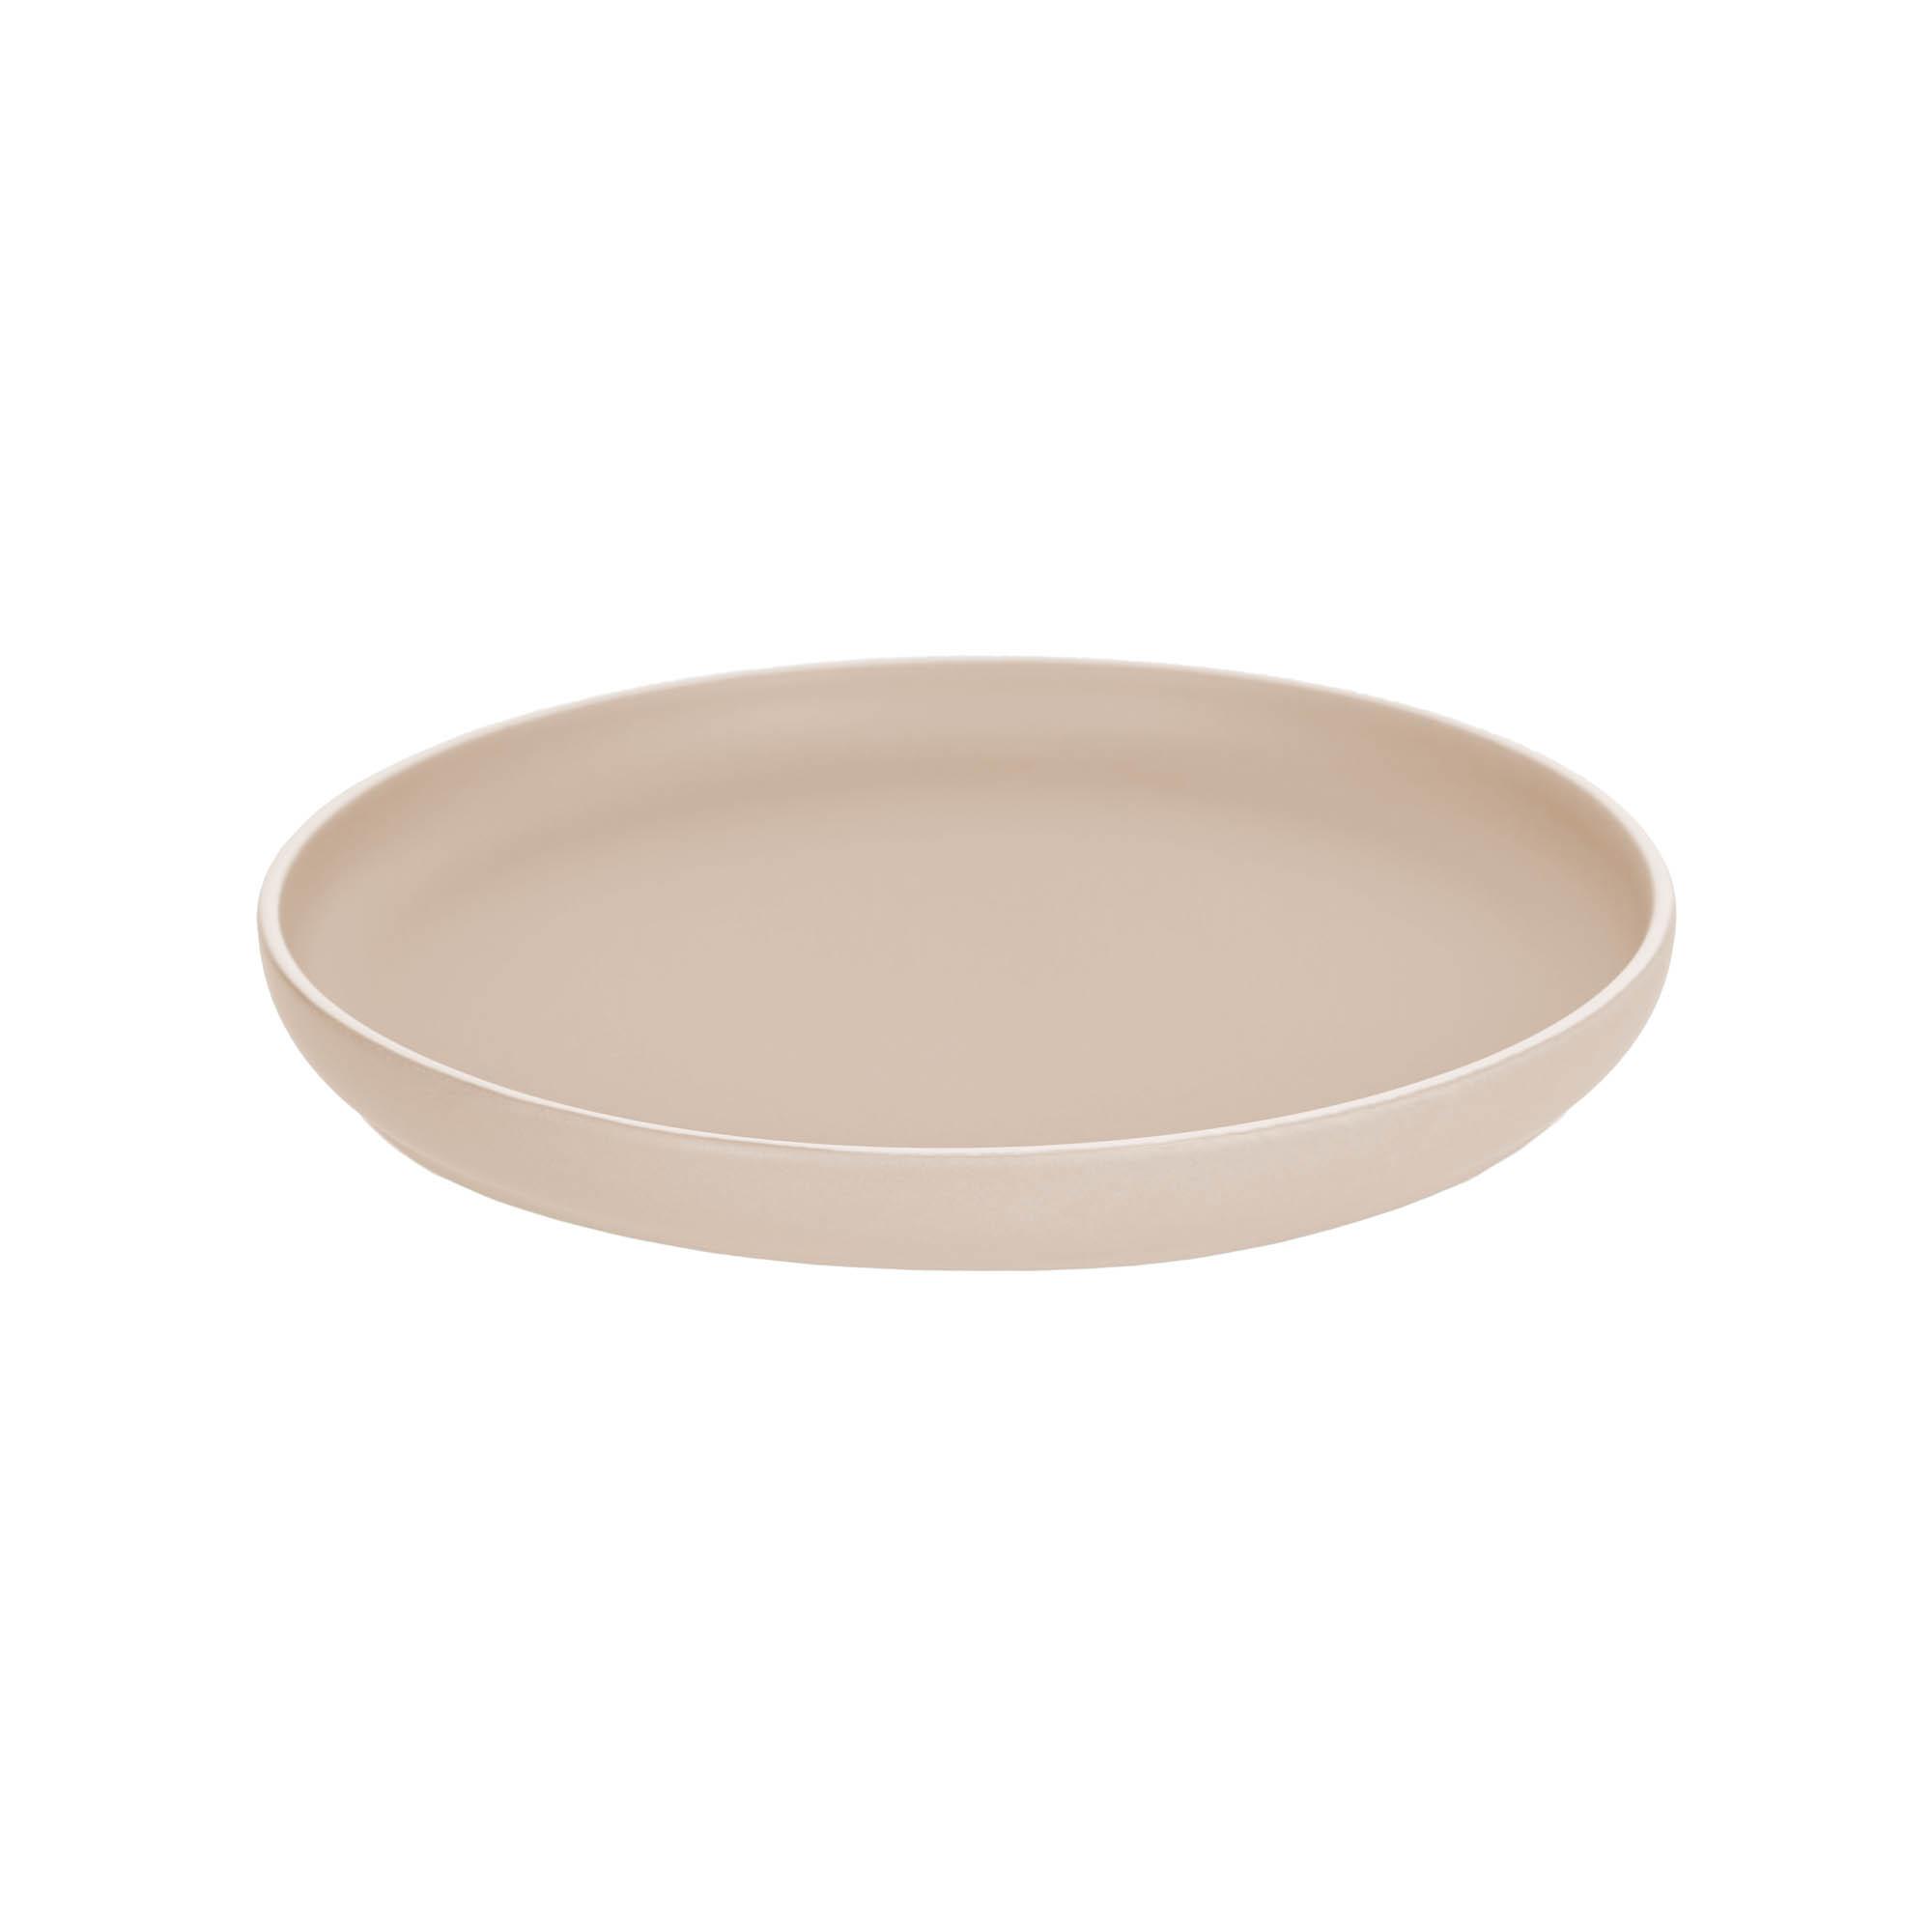 Kave home - assiette plate shun en porcelaine...